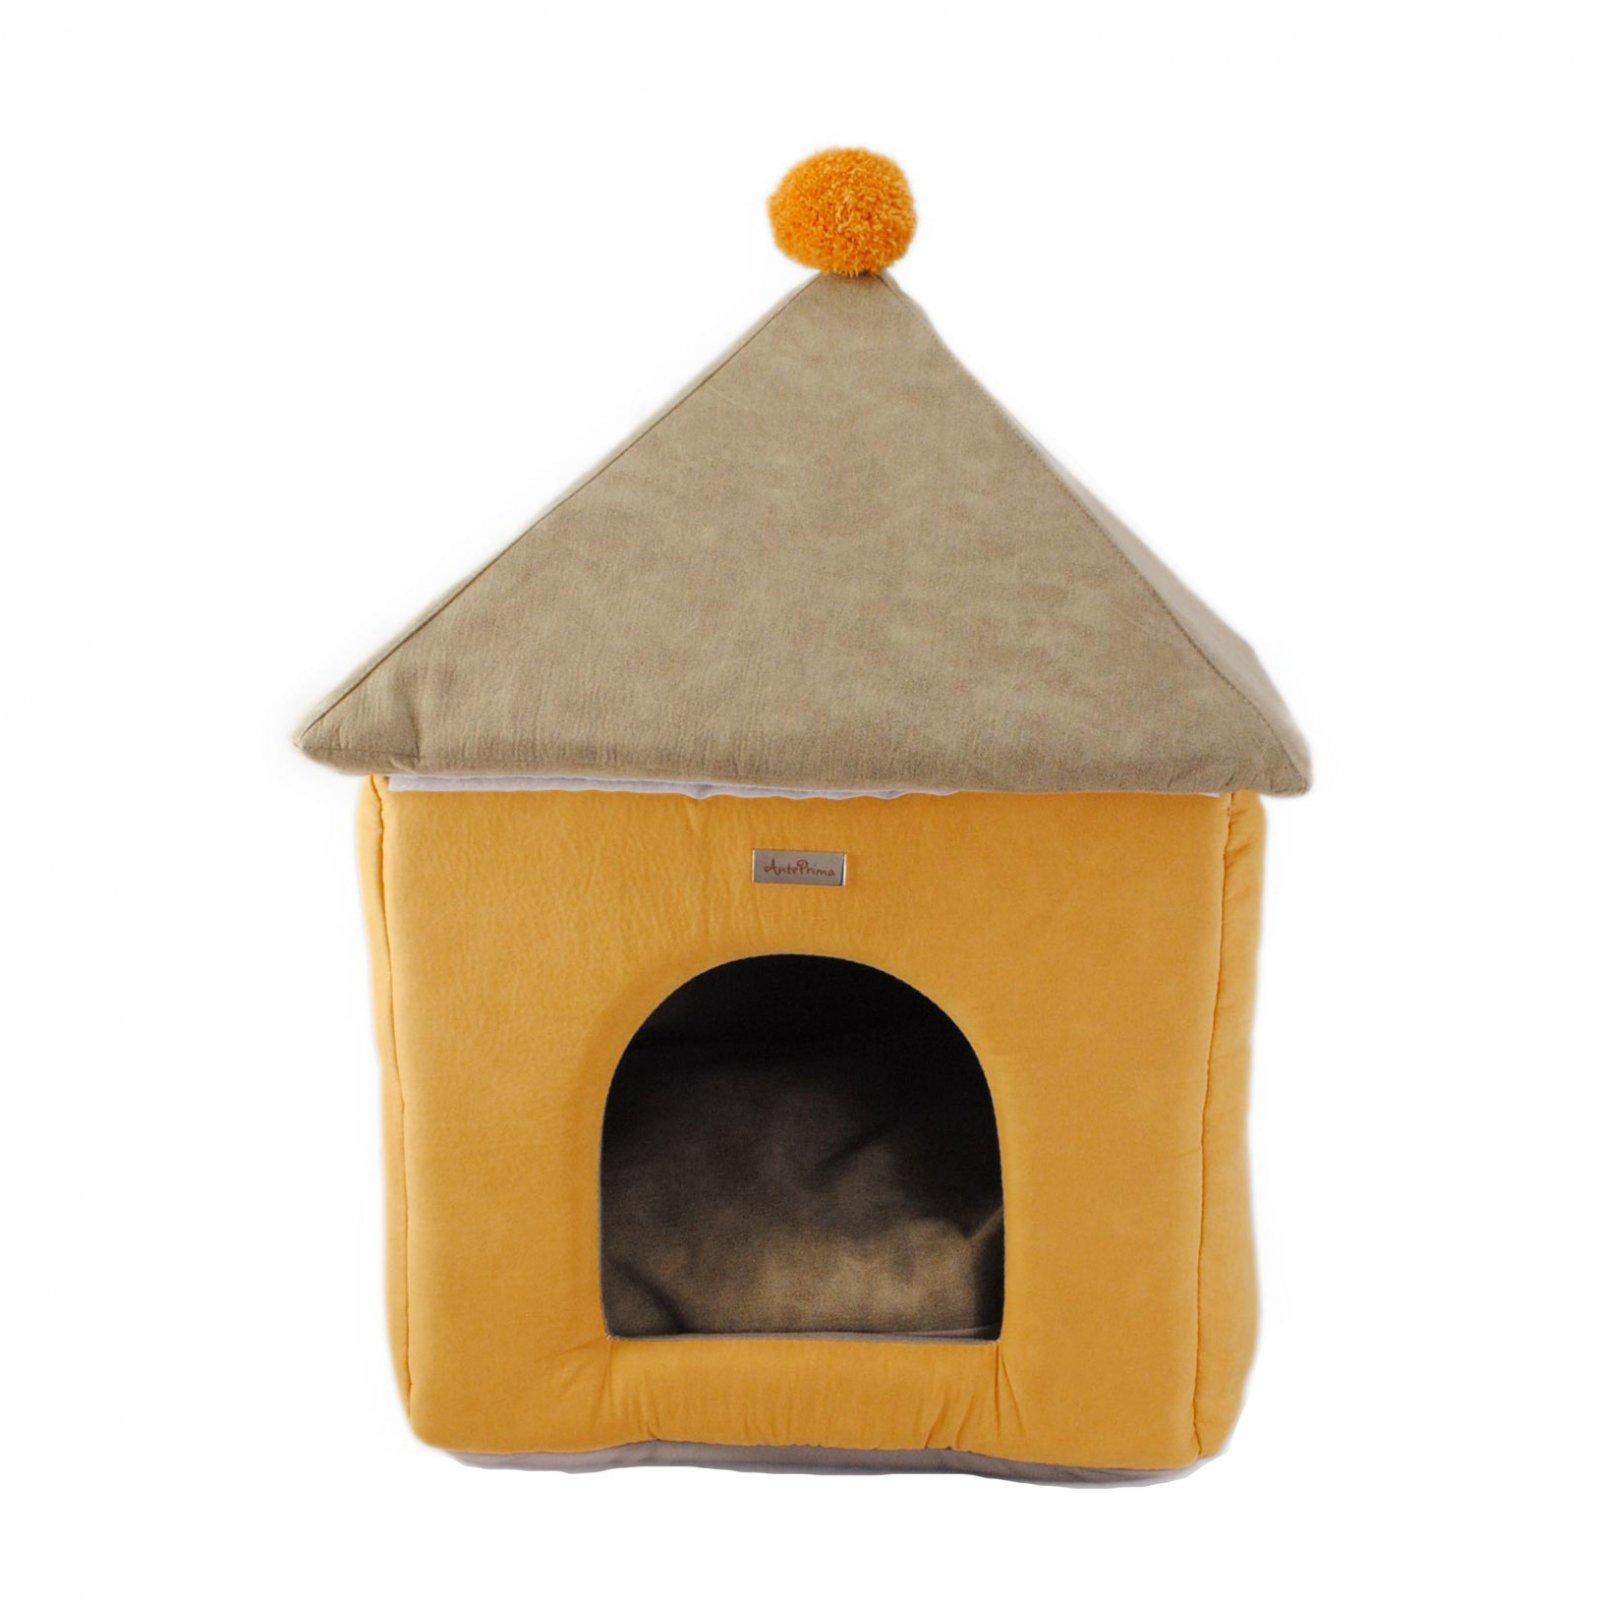 Домик для кошек и собак Anteprima PON GIALL01, бежевый, коричневый, 45x45x60см